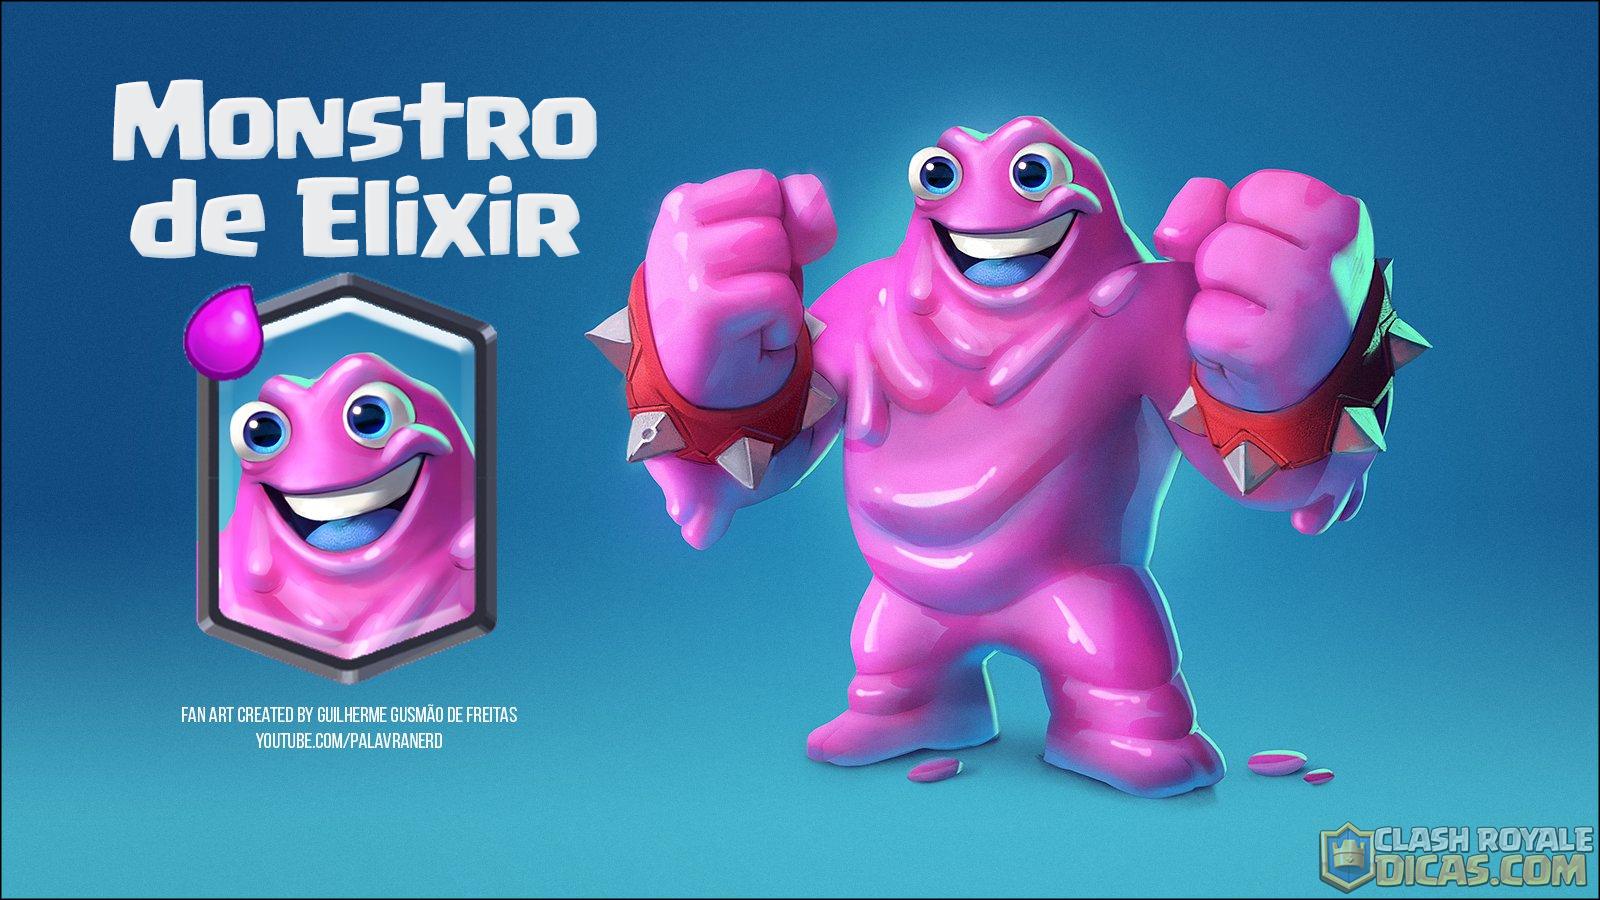 Fanart do verdadeiro Monstro de Elixir!